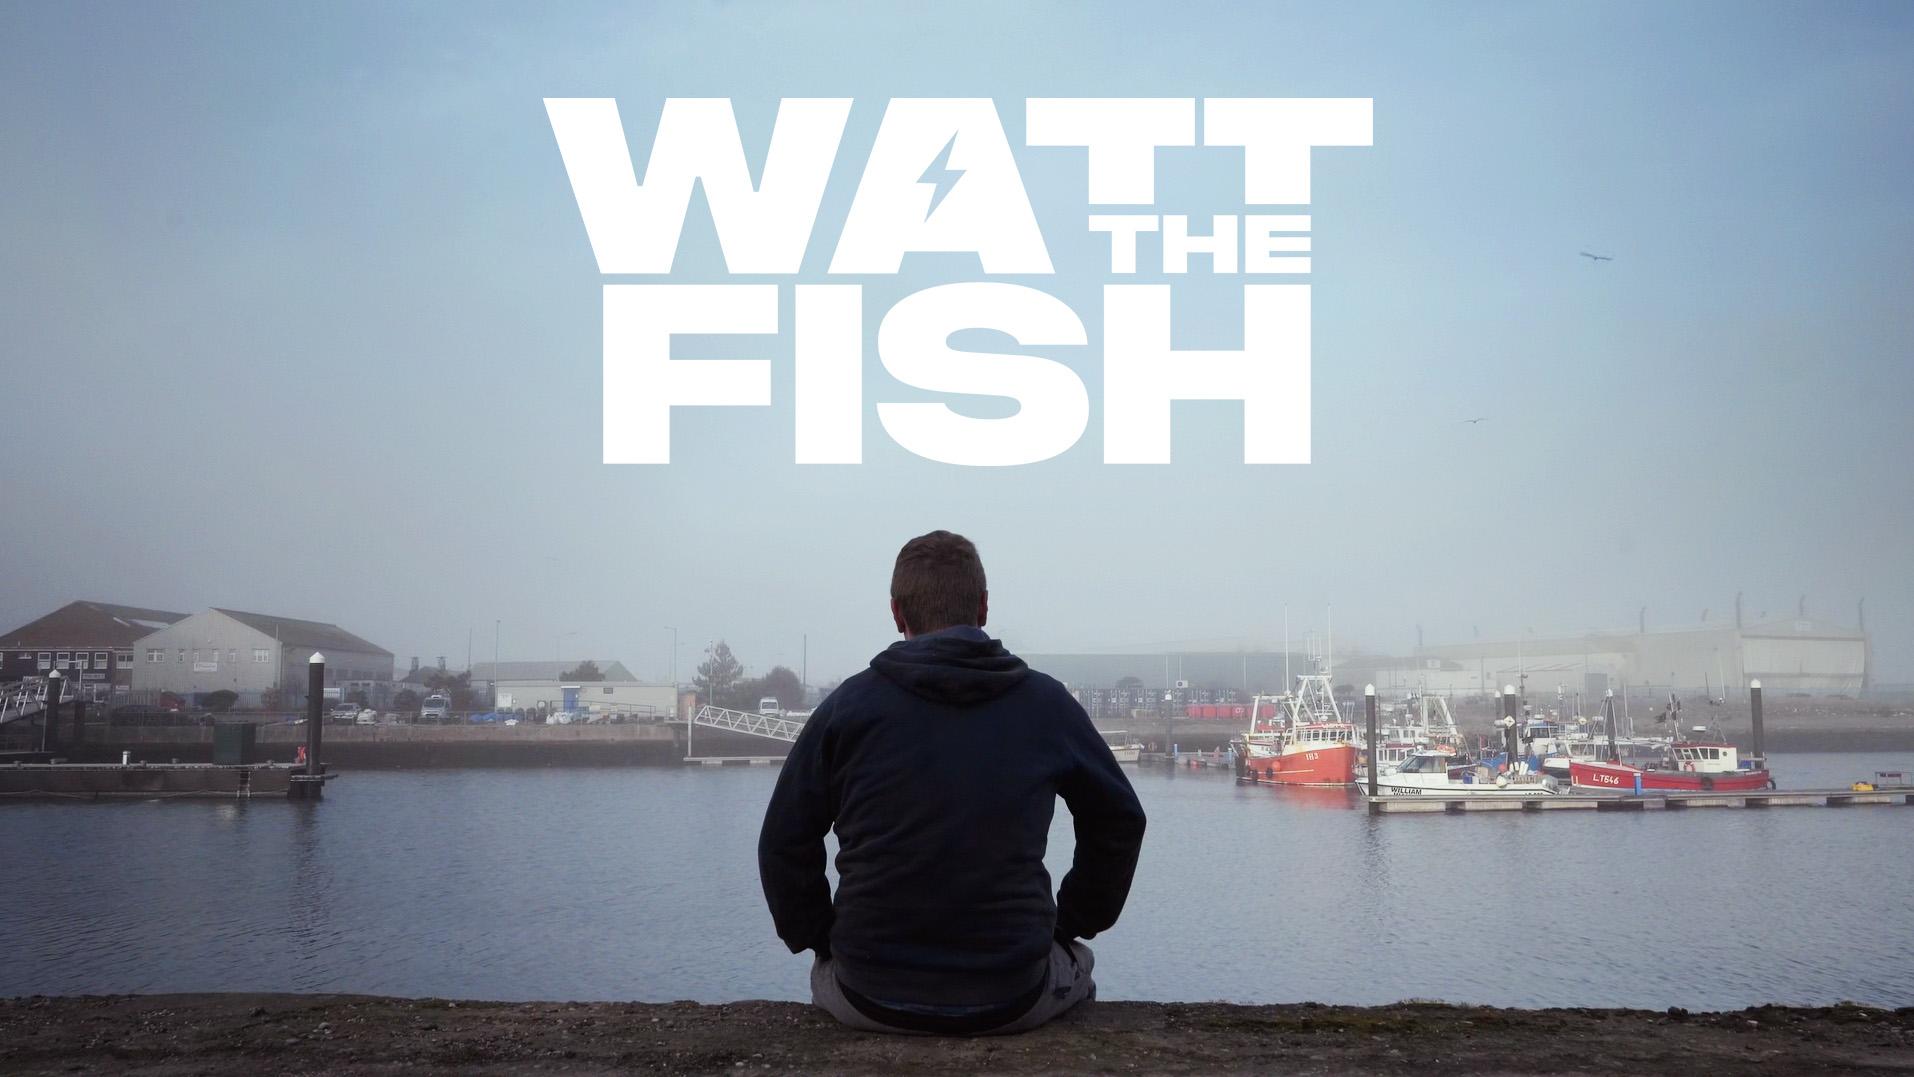 WATT_THE_FISH_V2.jpg